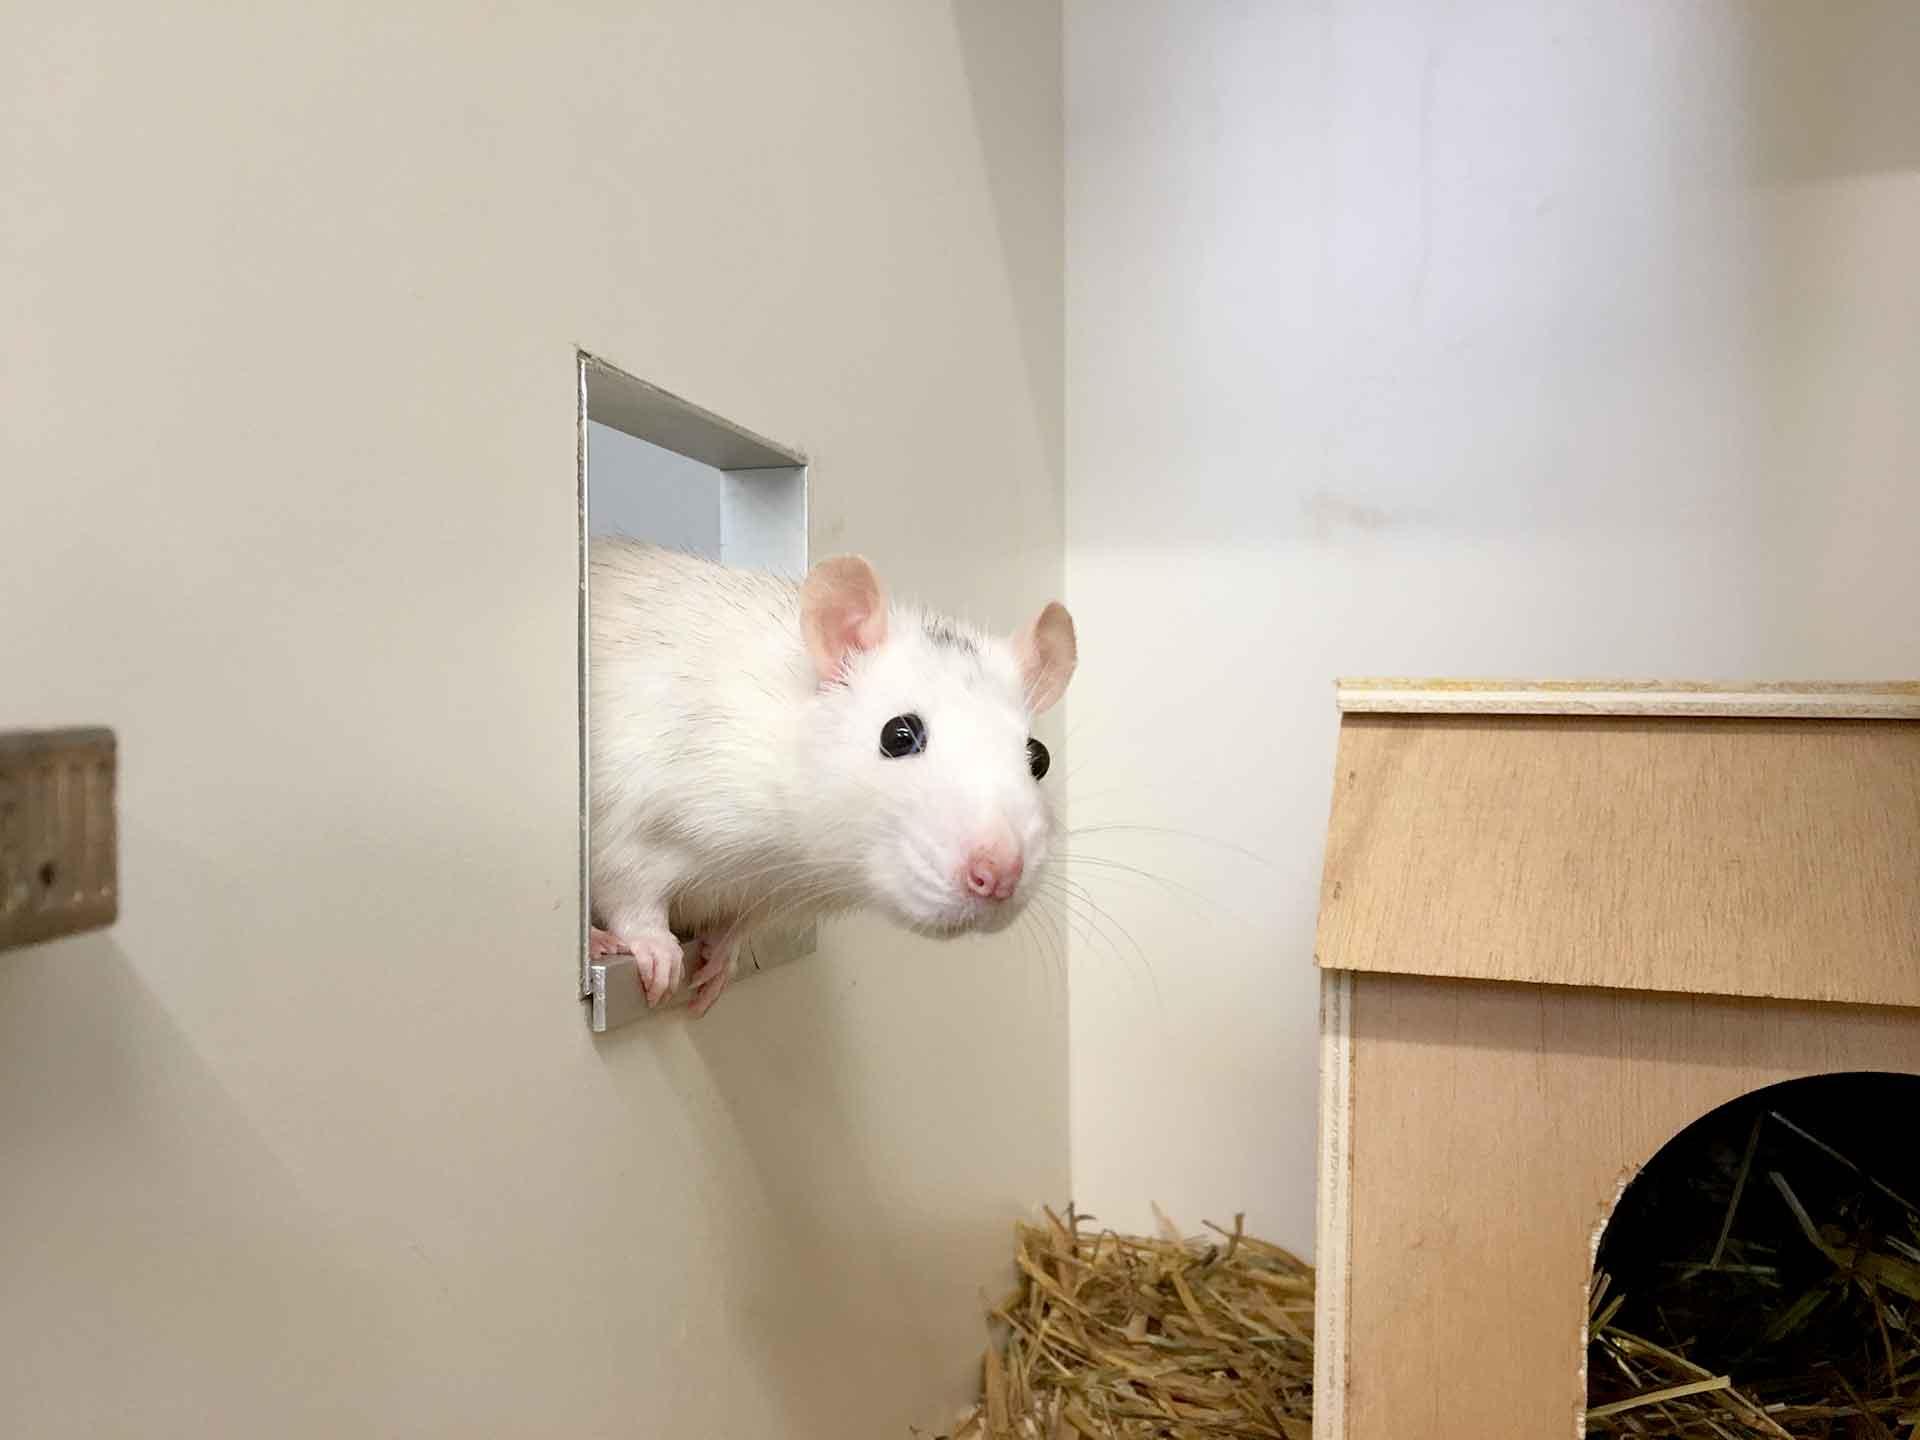 Ratten bekommen im Vorarlberger Tierschutzheim ein schönes Zuhause.